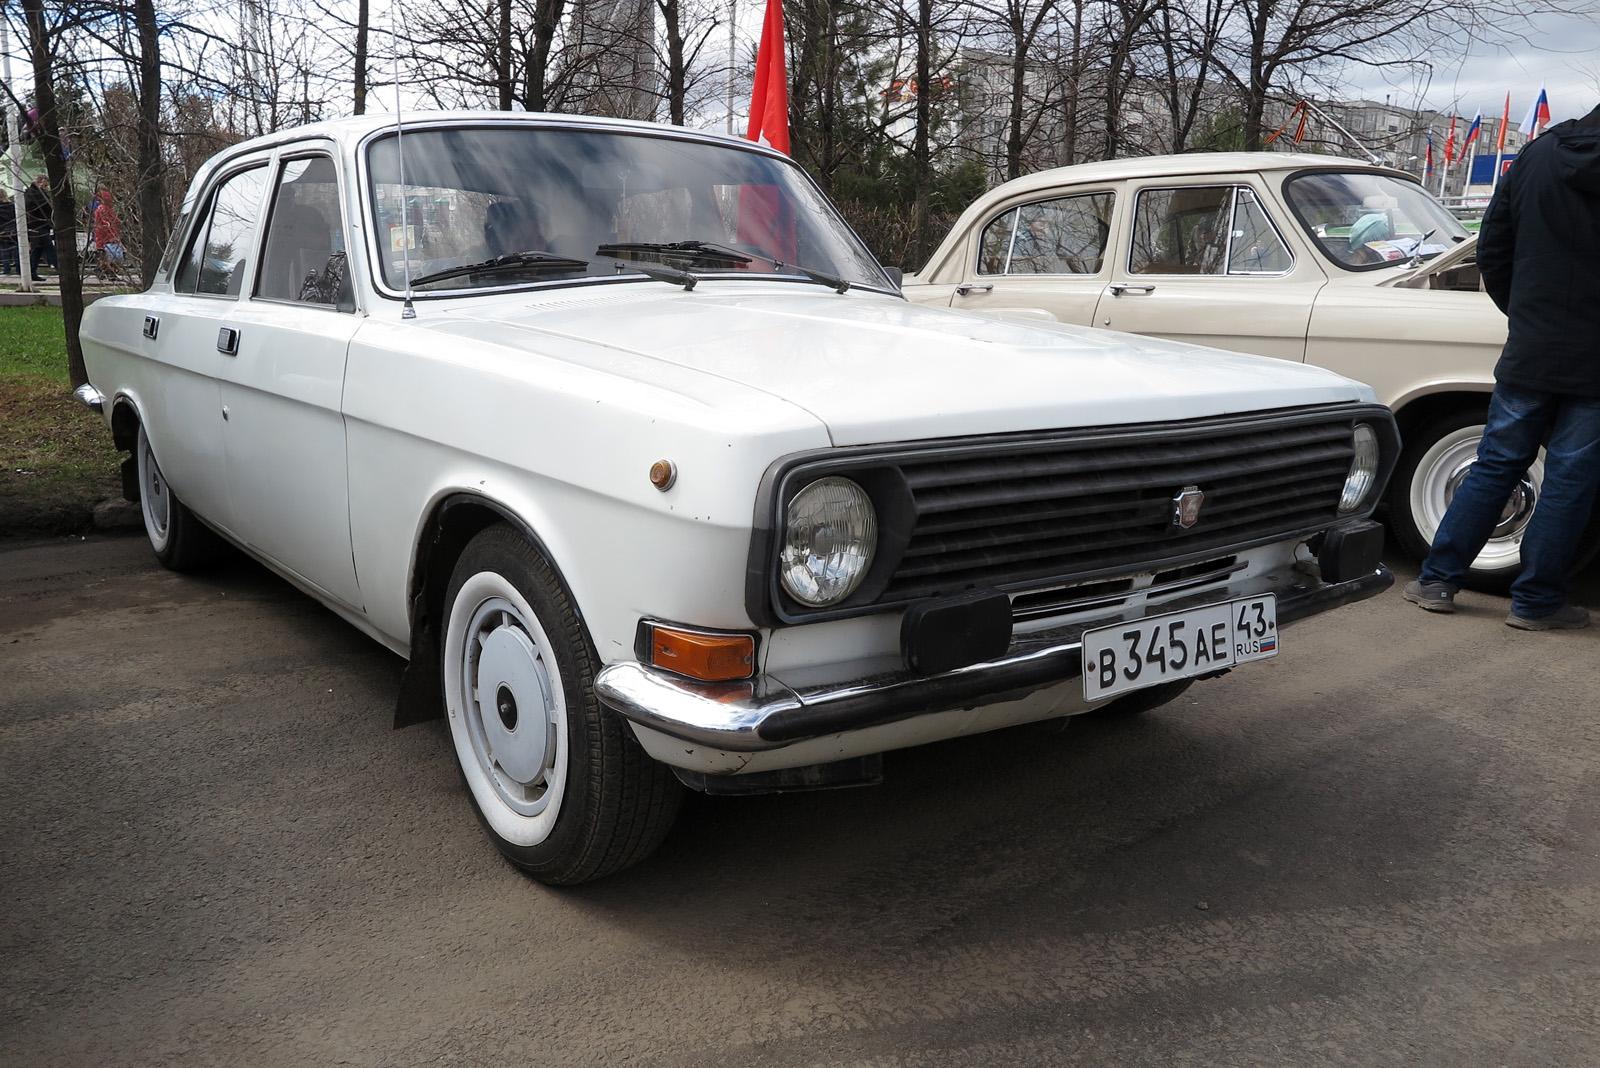 2047 ГАЗ-24 №в345ае.JPG